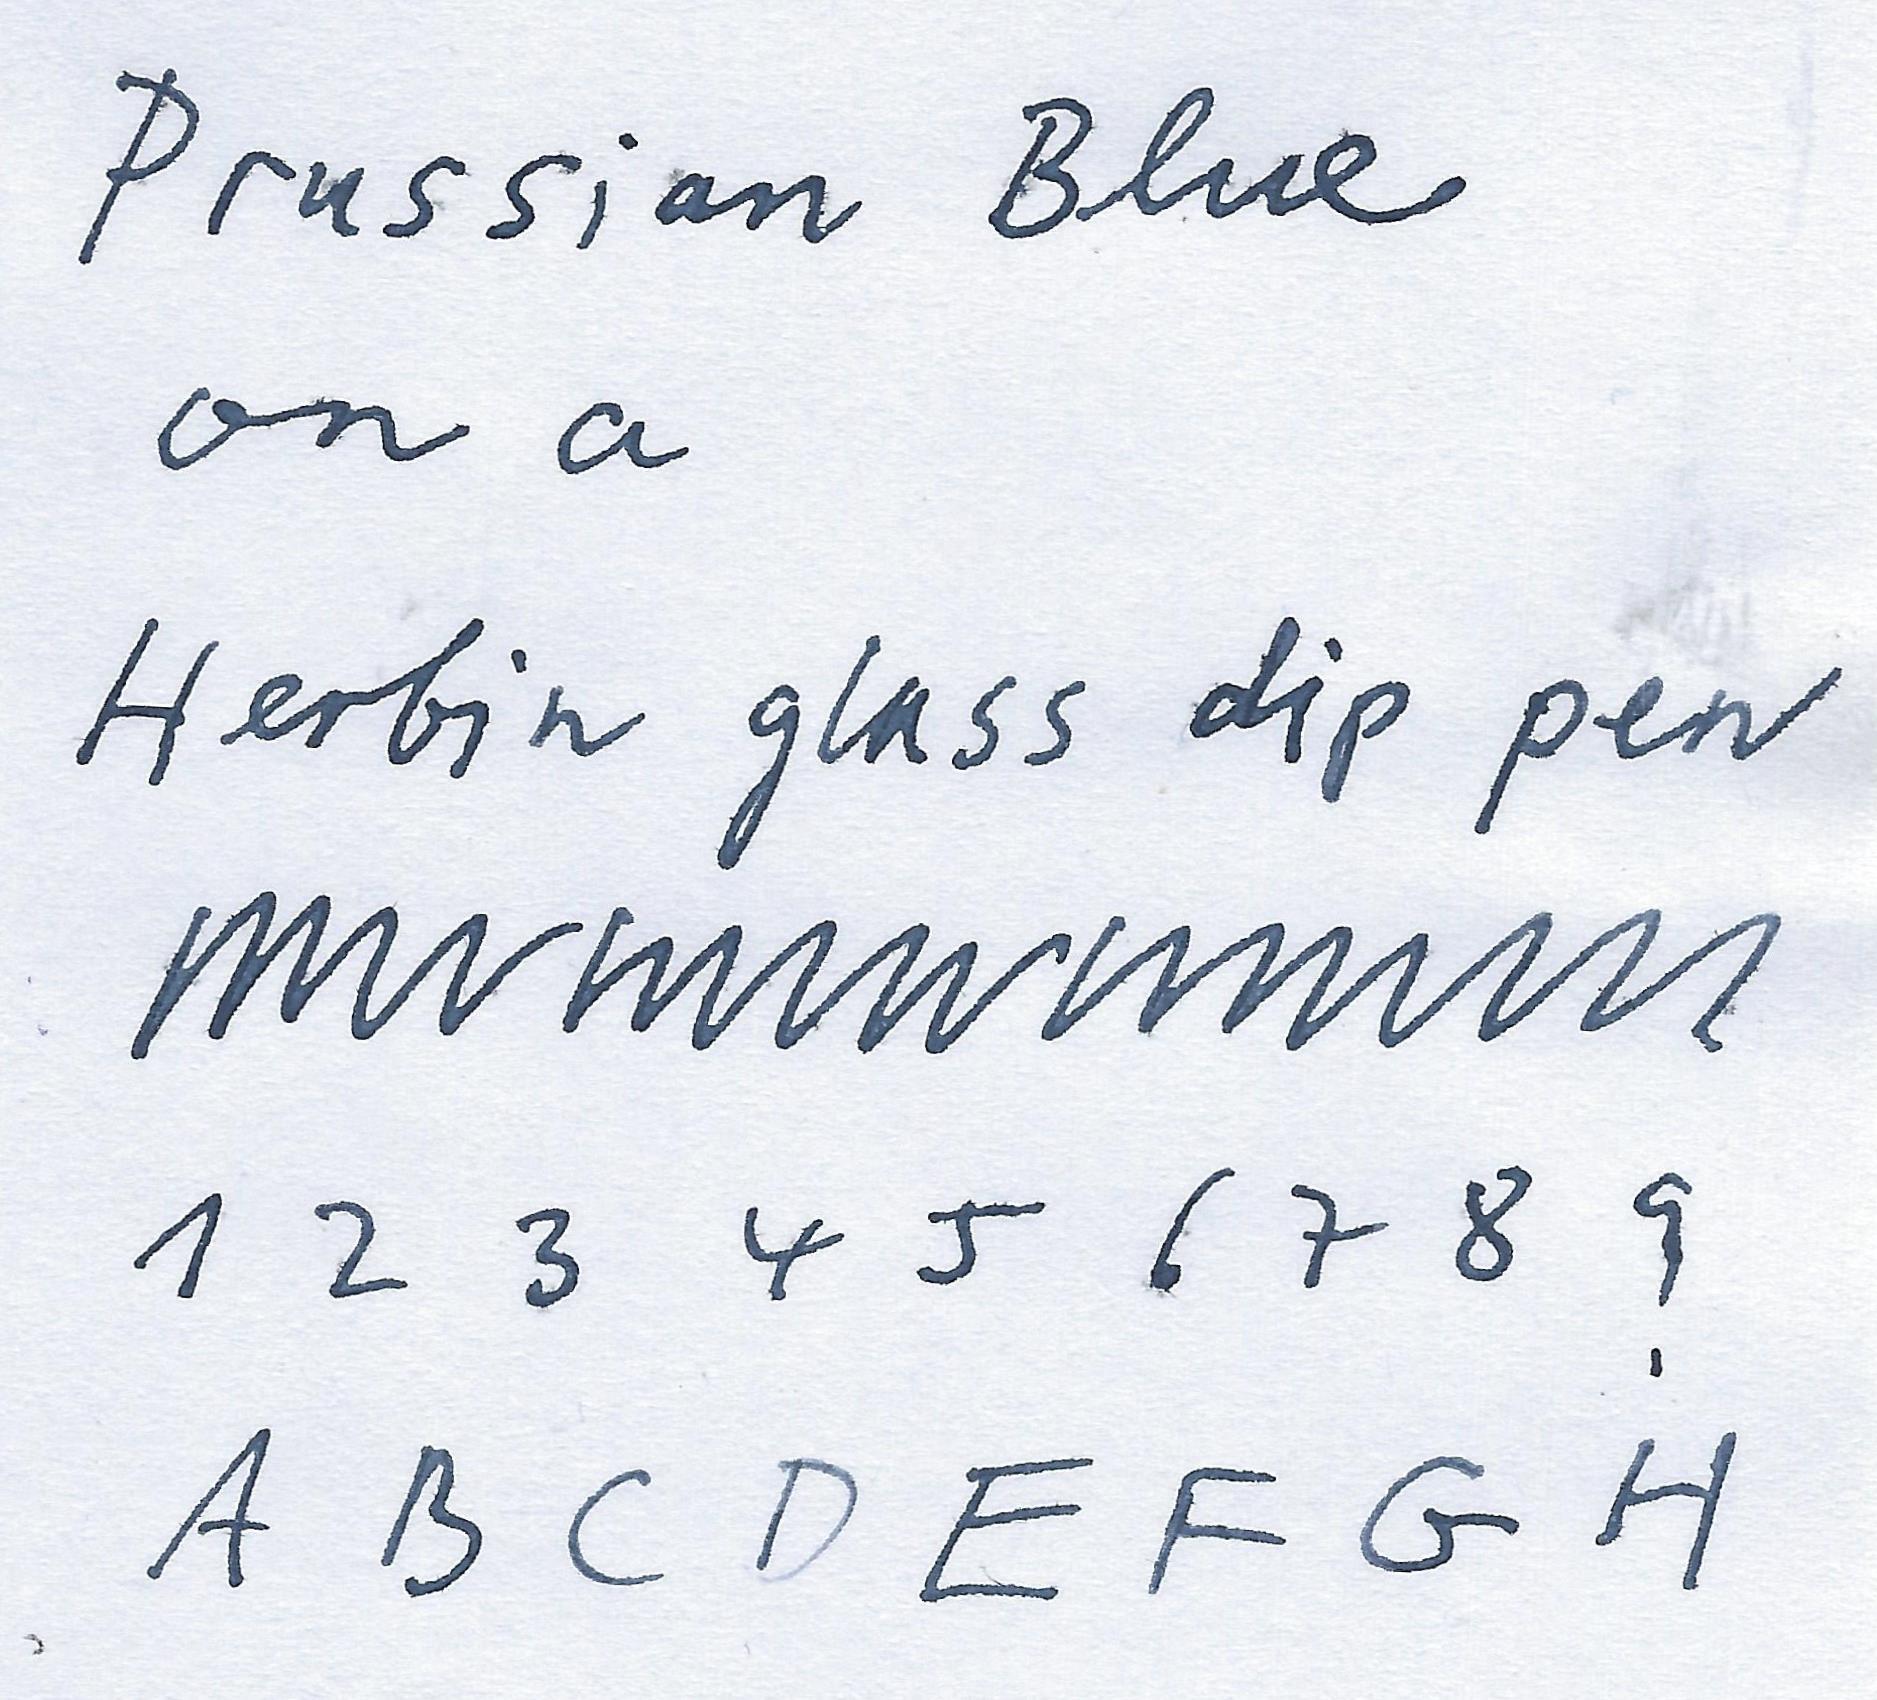 fpn_1596838033__prussian_blue_2020-07-08